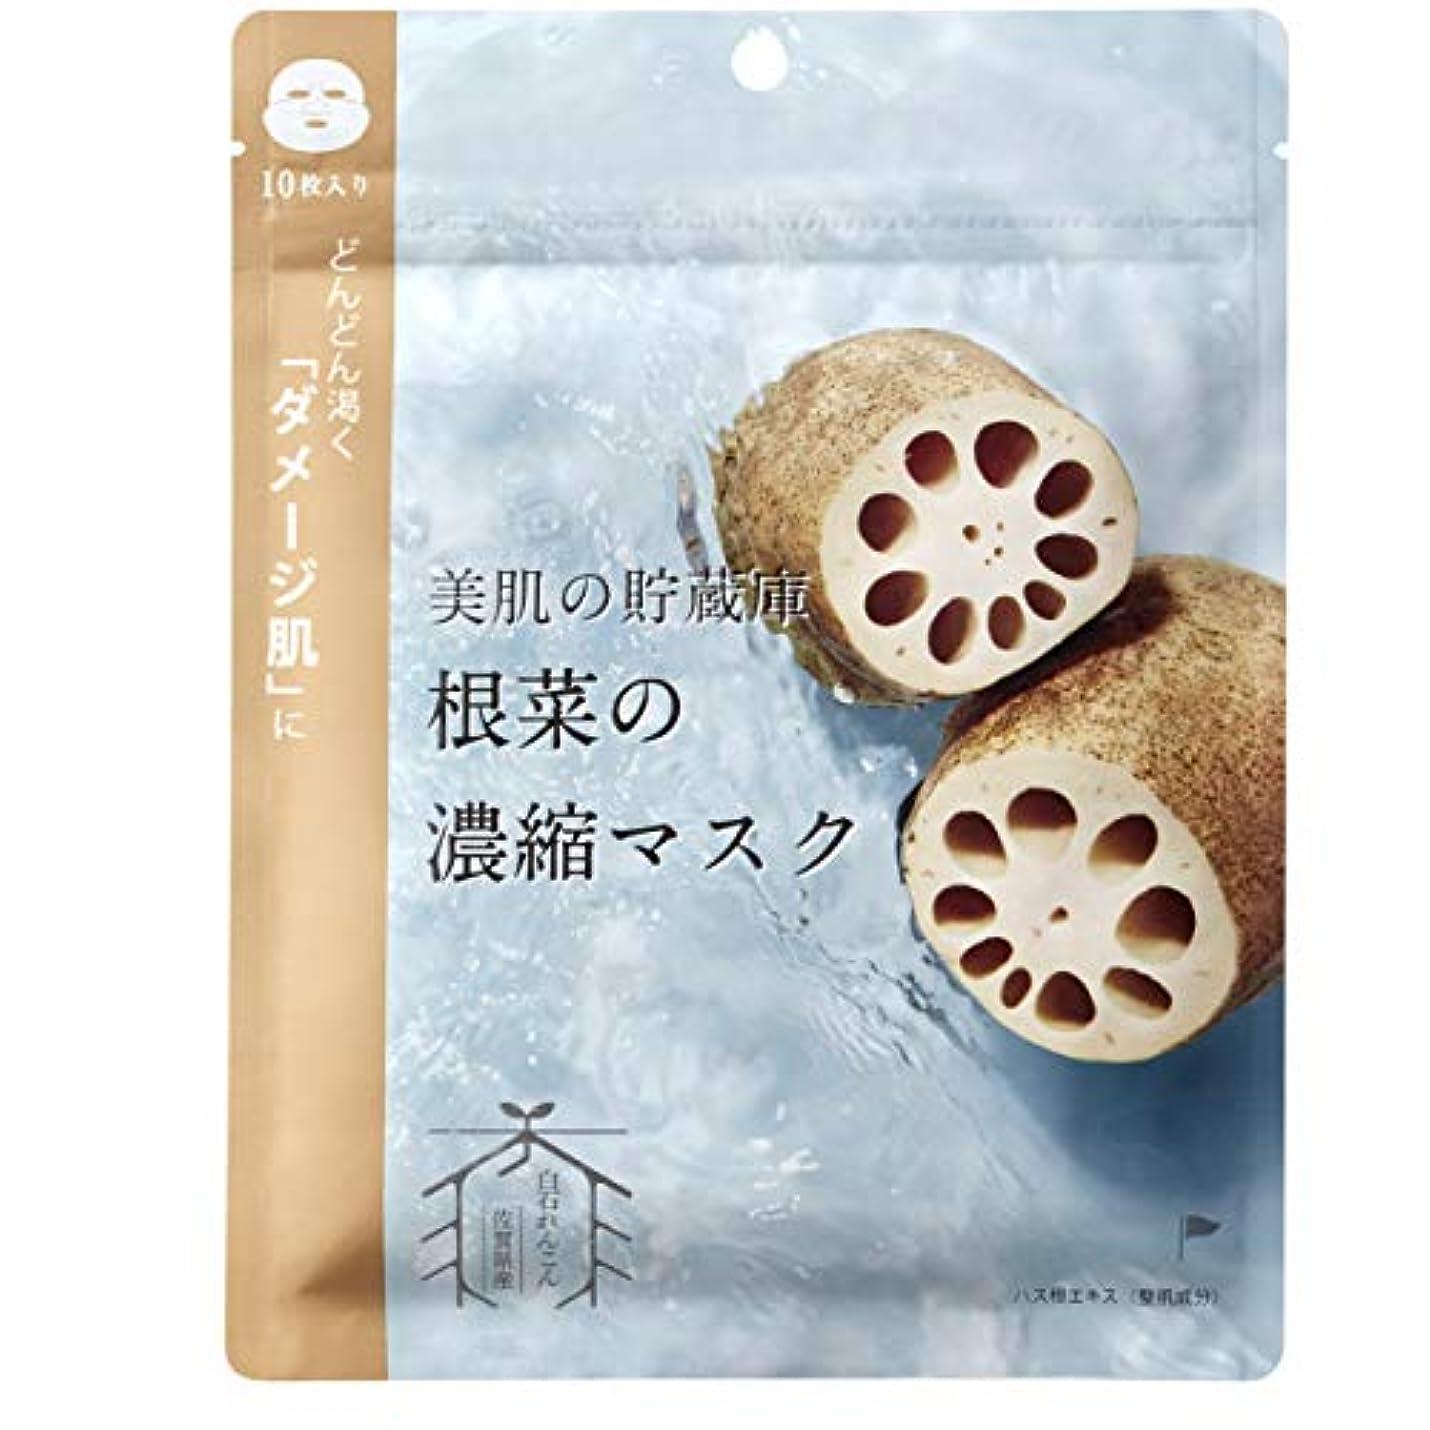 速度ライムけん引@cosme nippon 美肌の貯蔵庫 根菜の濃縮マスク 白石れんこん 10枚入 160ml